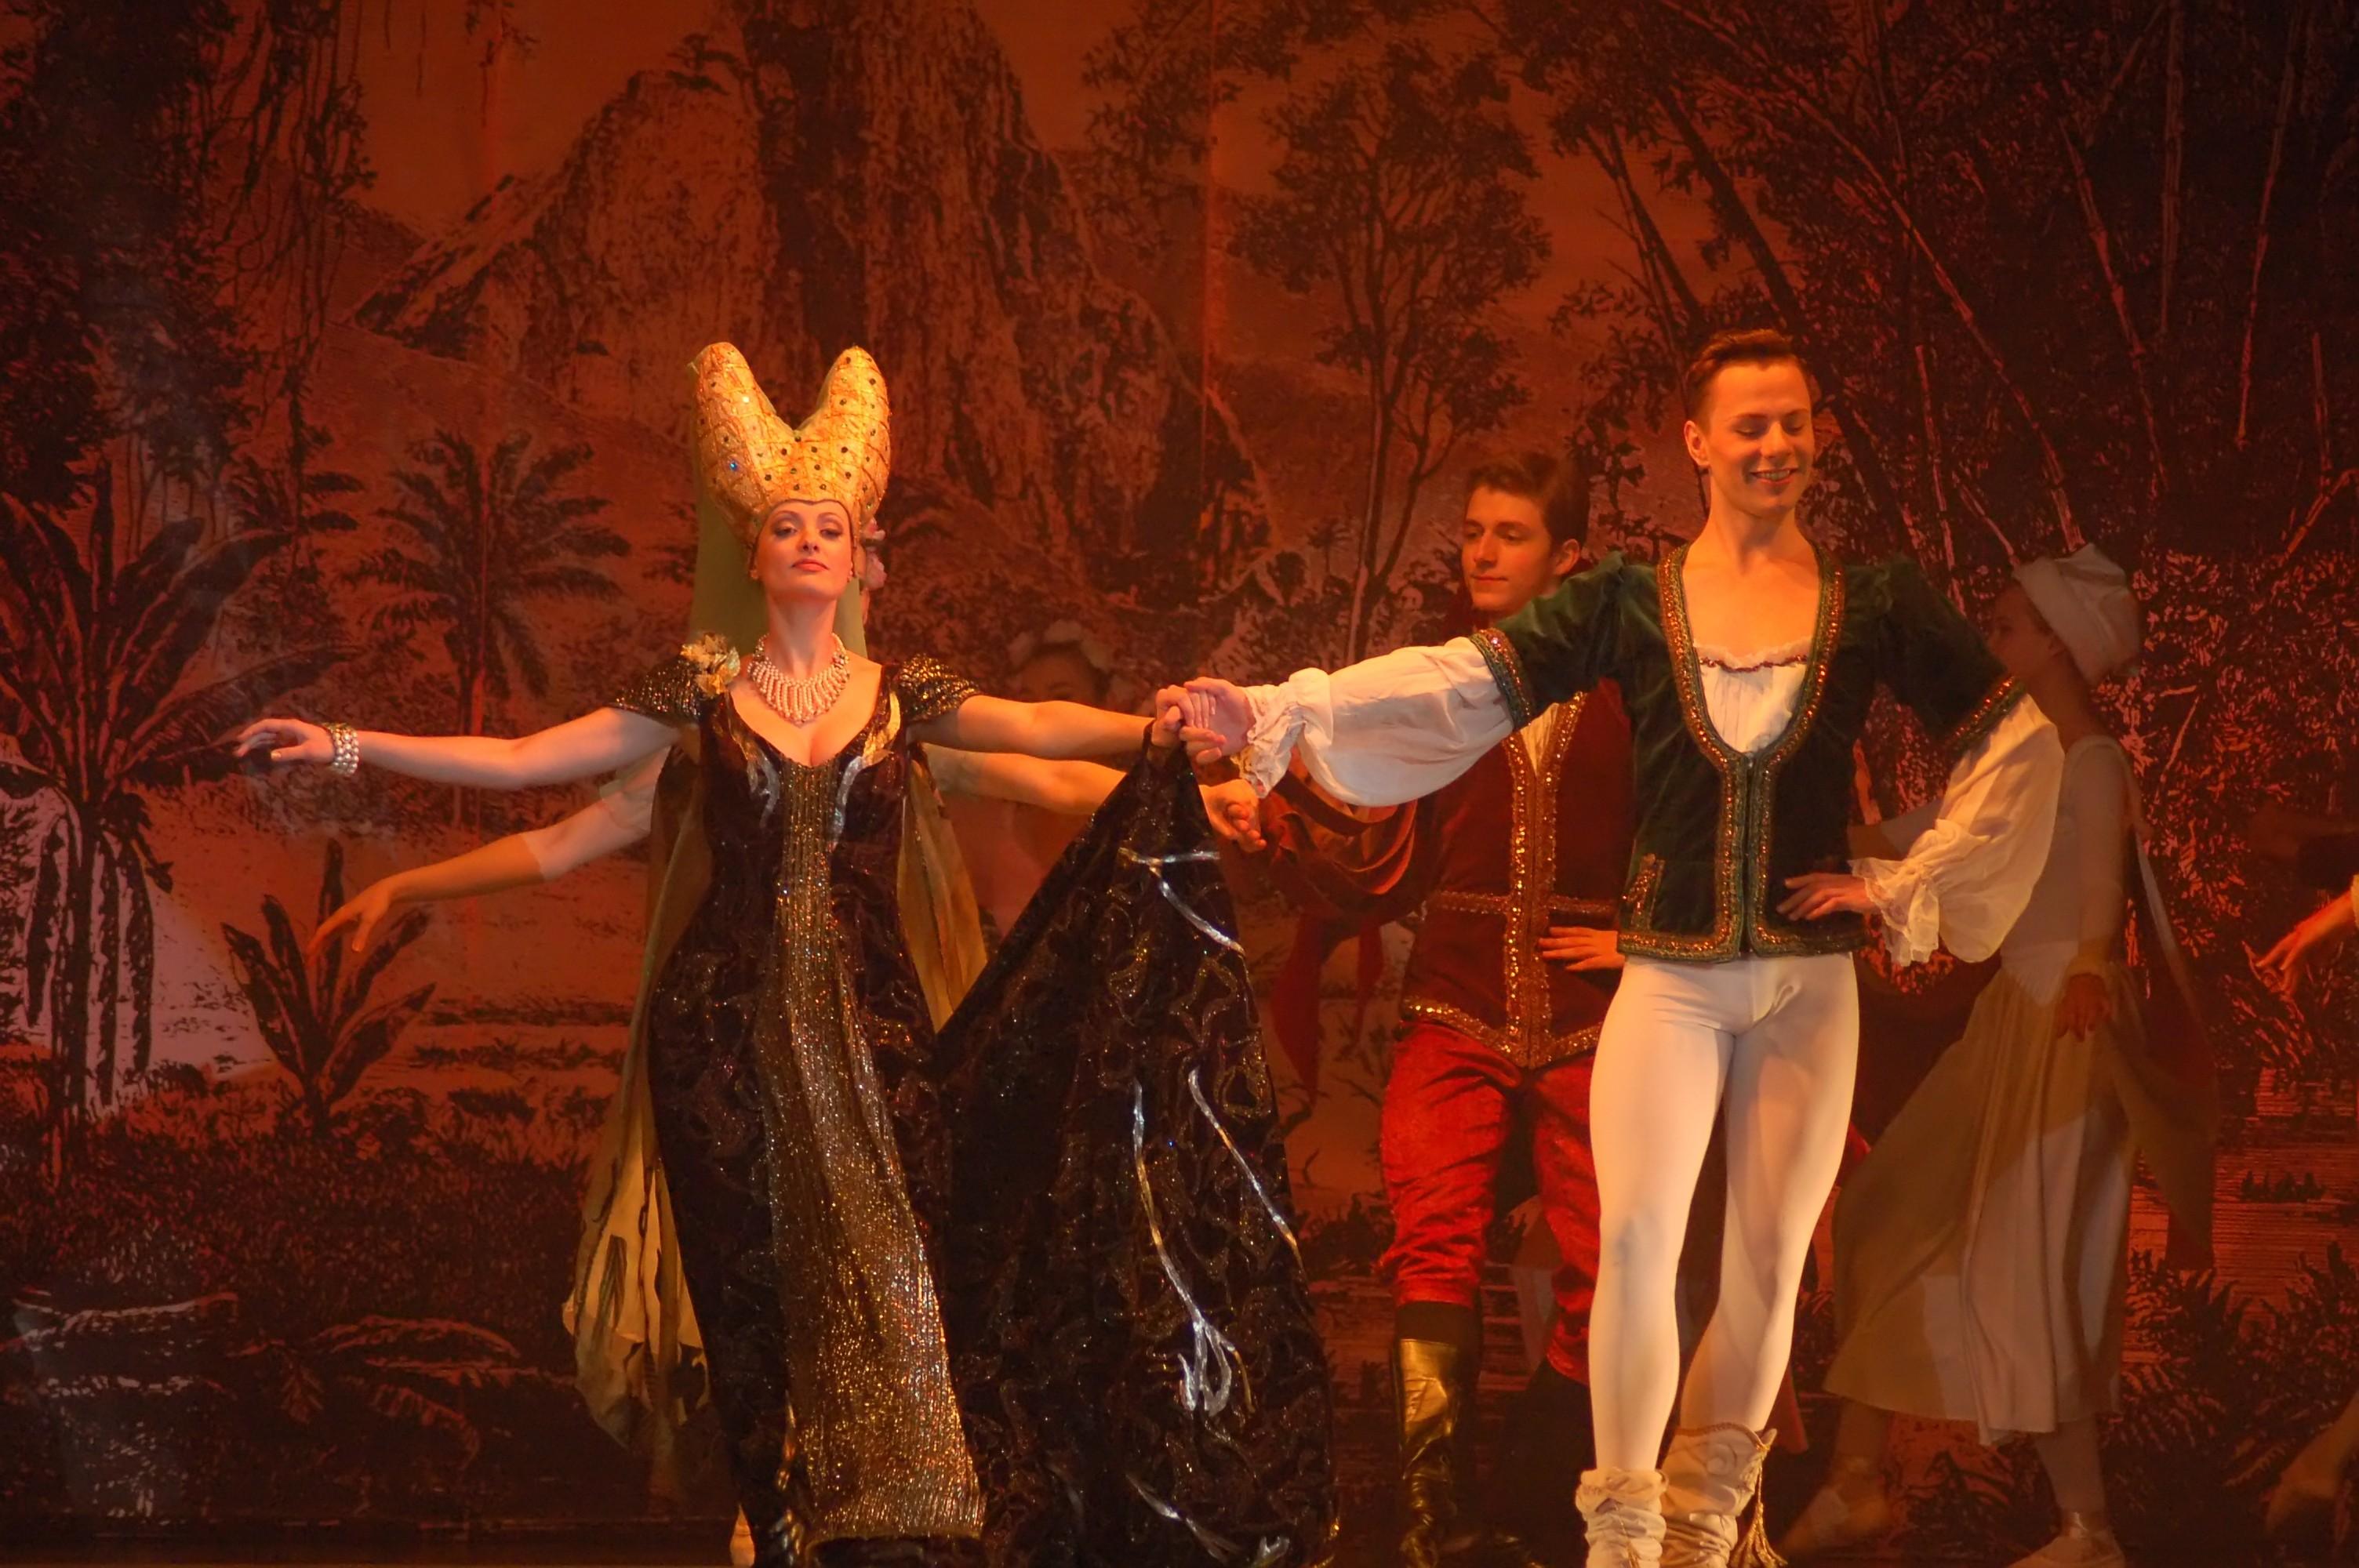 Balet Jezioro ?ab?dzie [Teatr Palladium - 13.01.2013